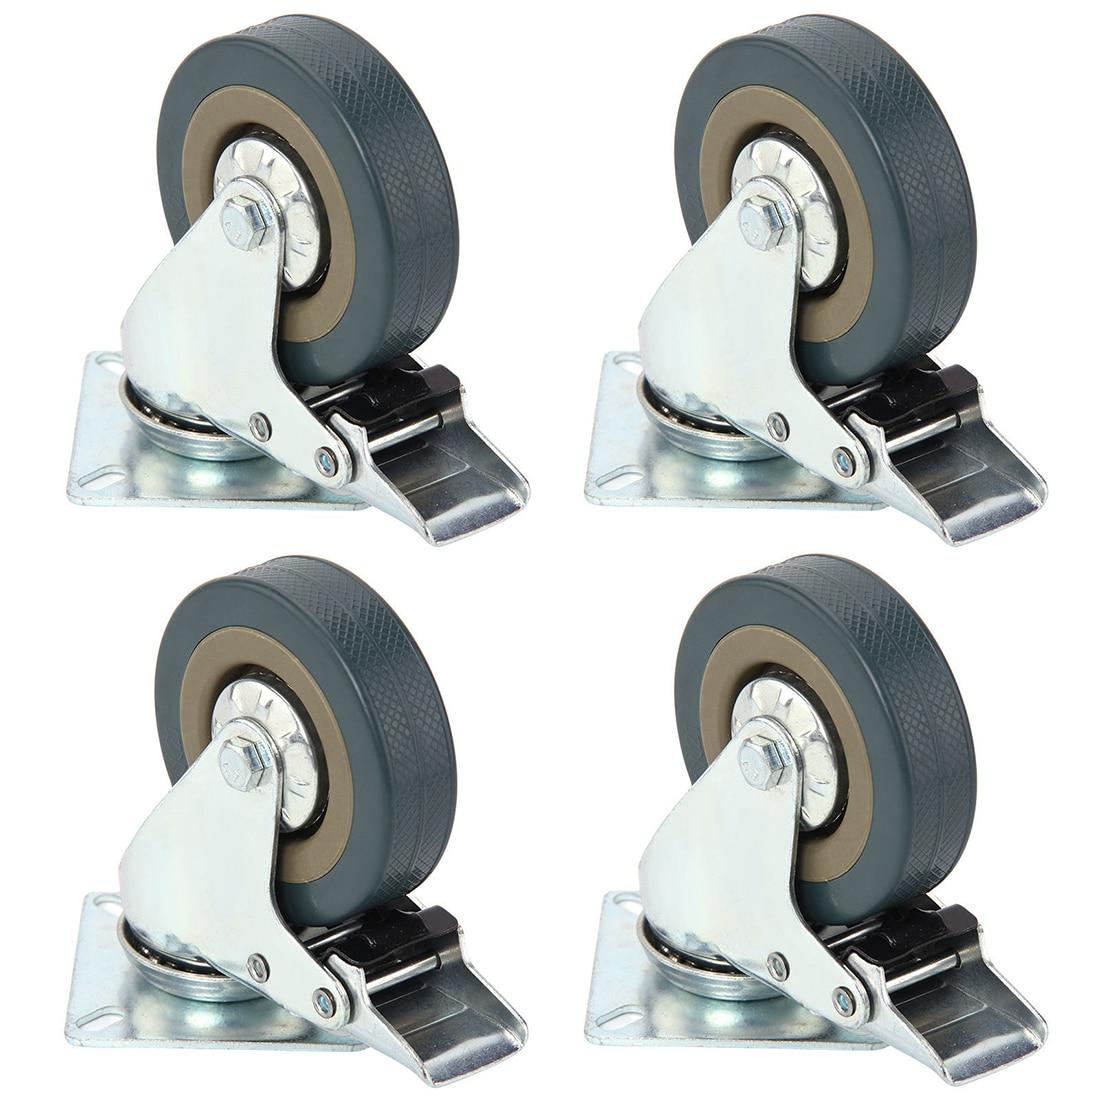 4 Pcs Heavy Duty 75x21mm Rubber Swivel Castor Wheel Trolley Caster Brake 50KG Solid Rubber 360 Degree Rotation Wheels With Brake